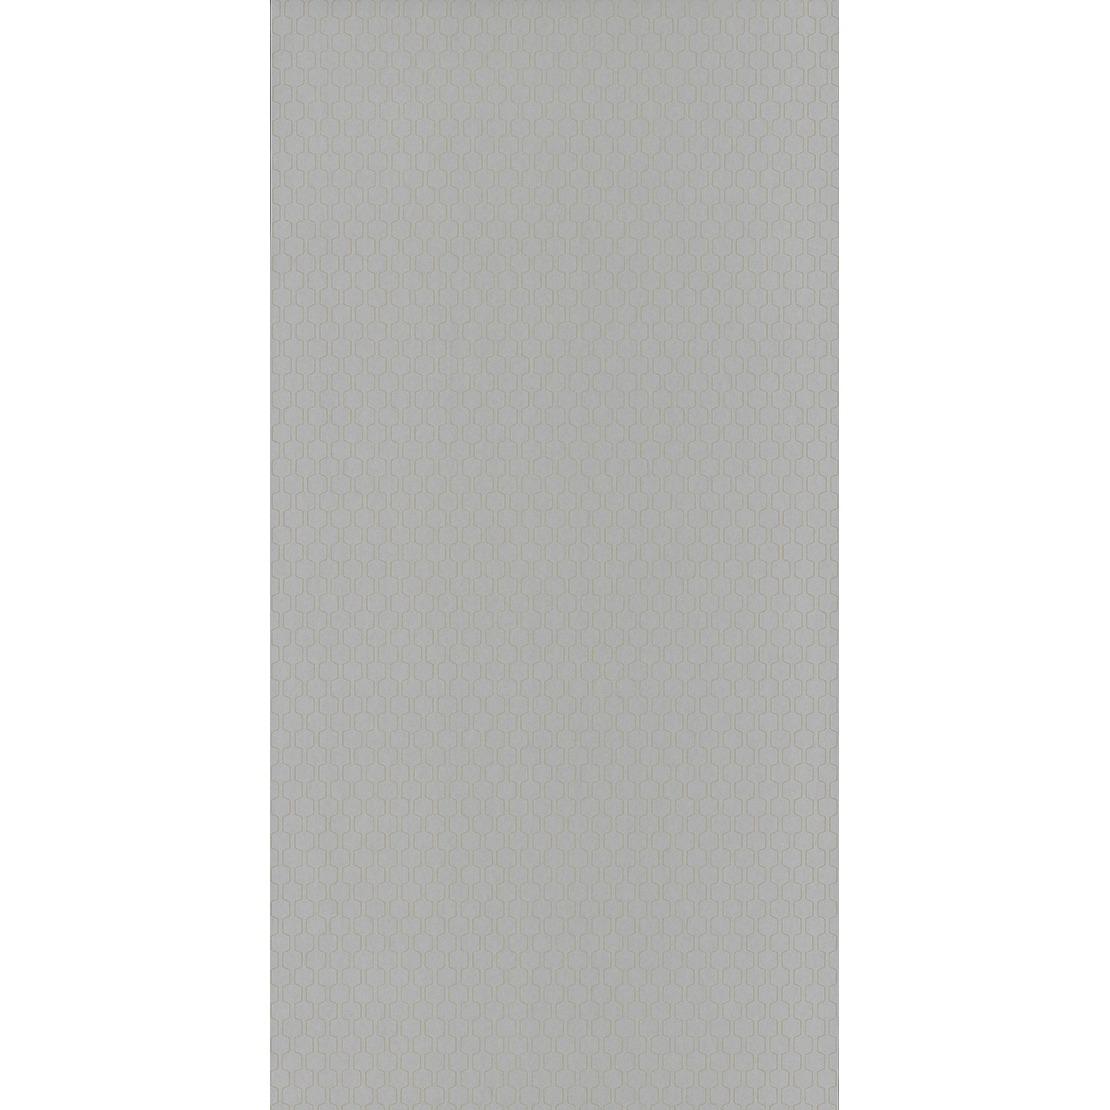 Французские обои Casadeco,  коллекция Rendez Vous, артикулRDV29032216